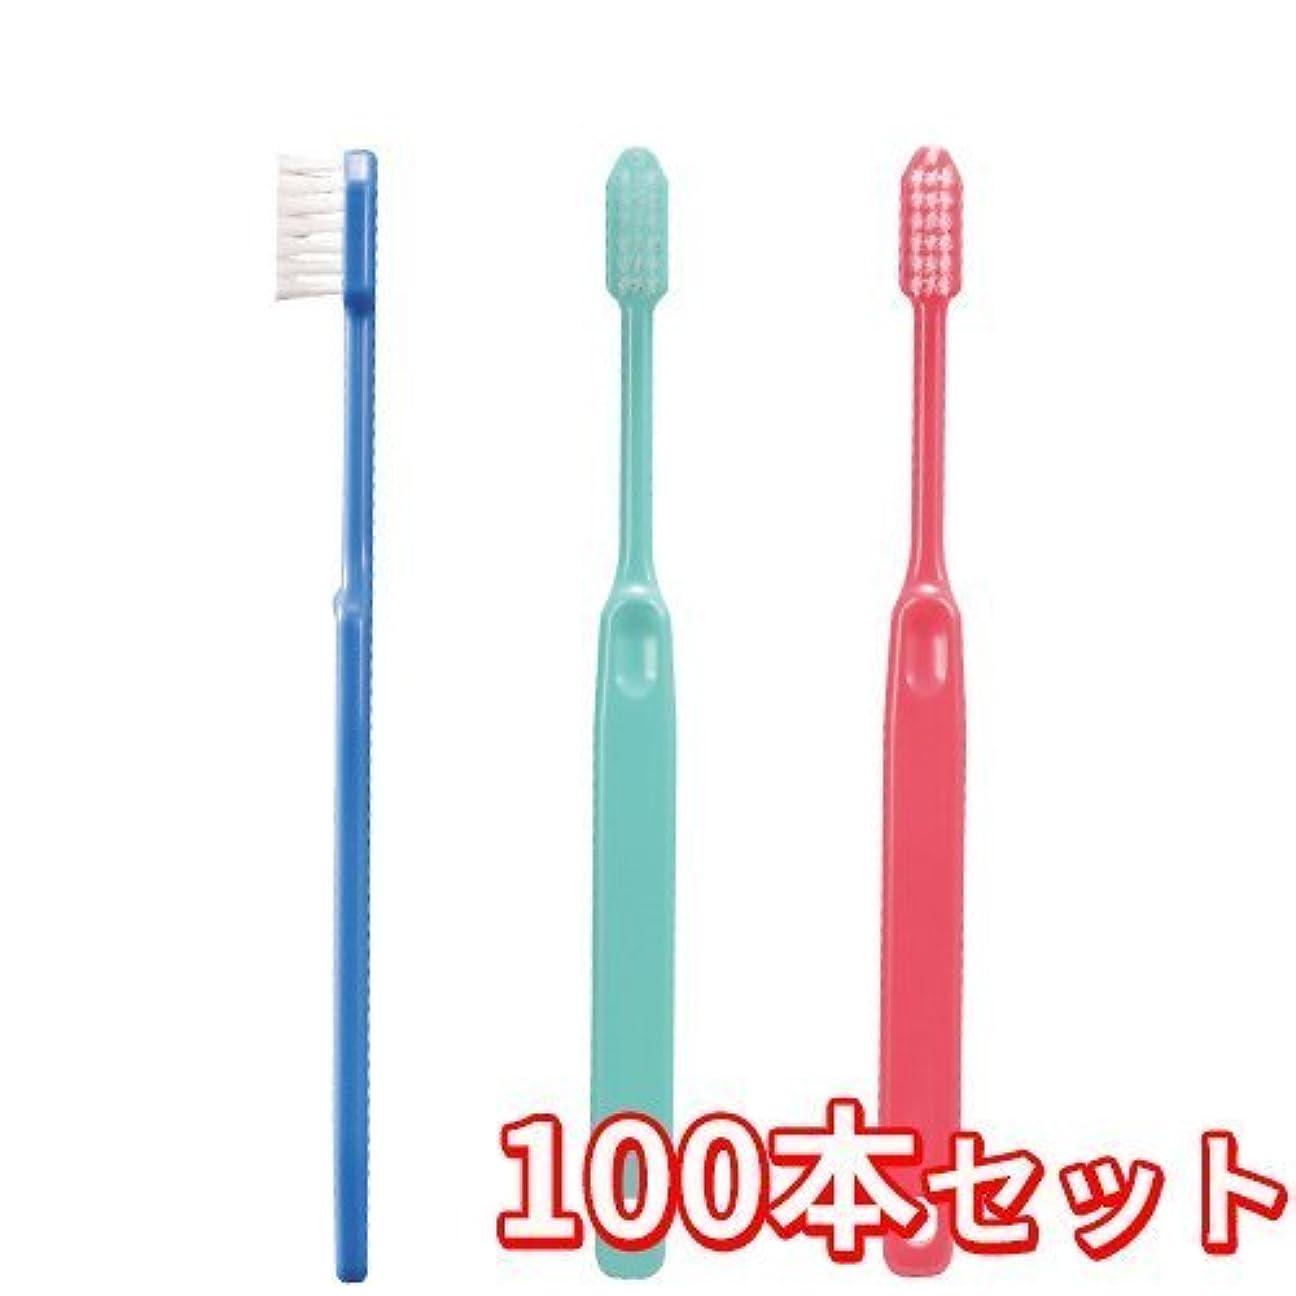 戦う反発する同等のCiメディカル 歯ブラシ コンパクトヘッド 疎毛タイプ アソート 100本 (Ci22(ふつう))